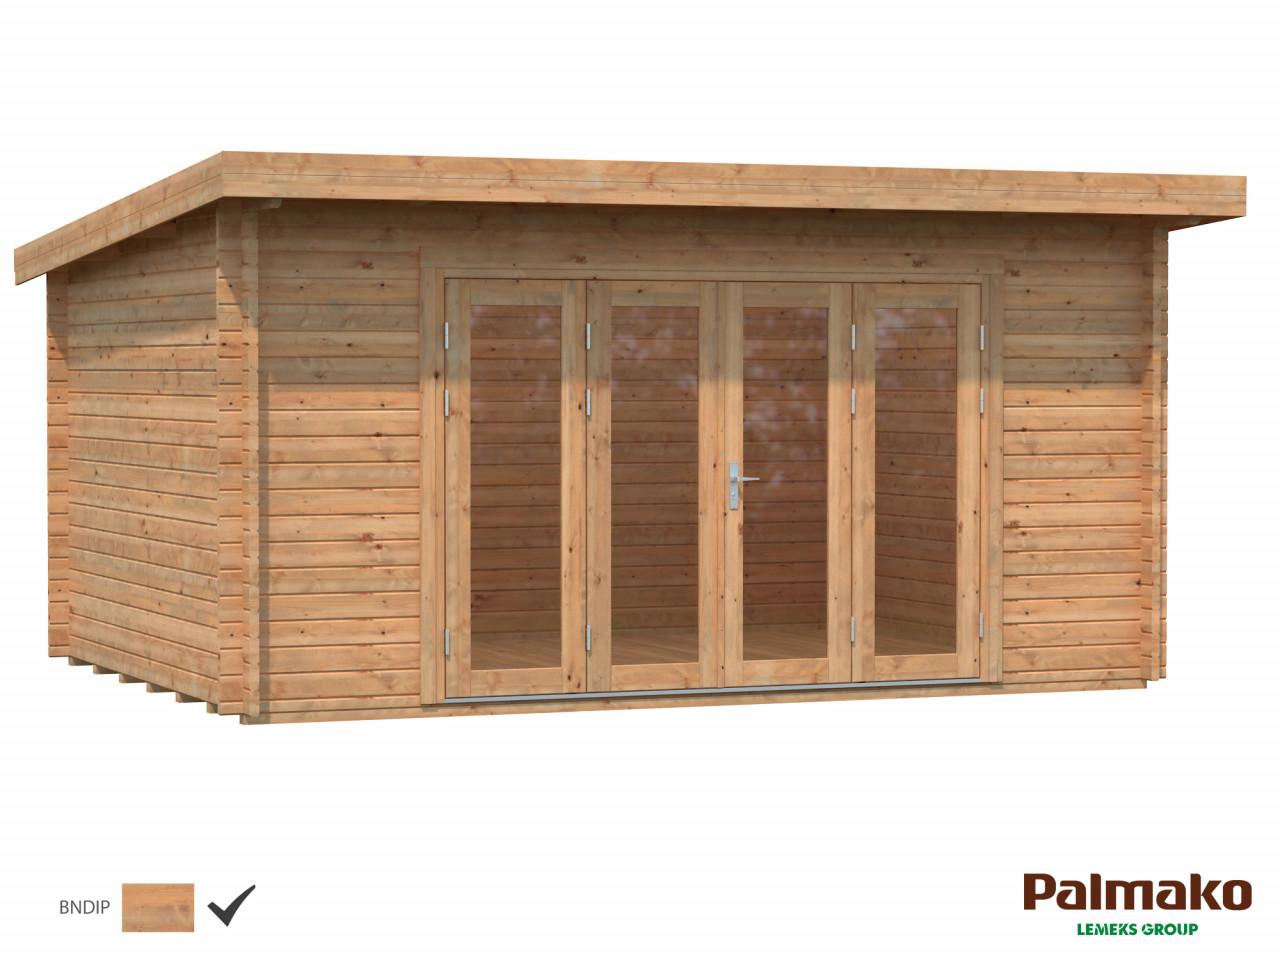 Flachdach Palmako Gartenhaus Lea 14,2 m²